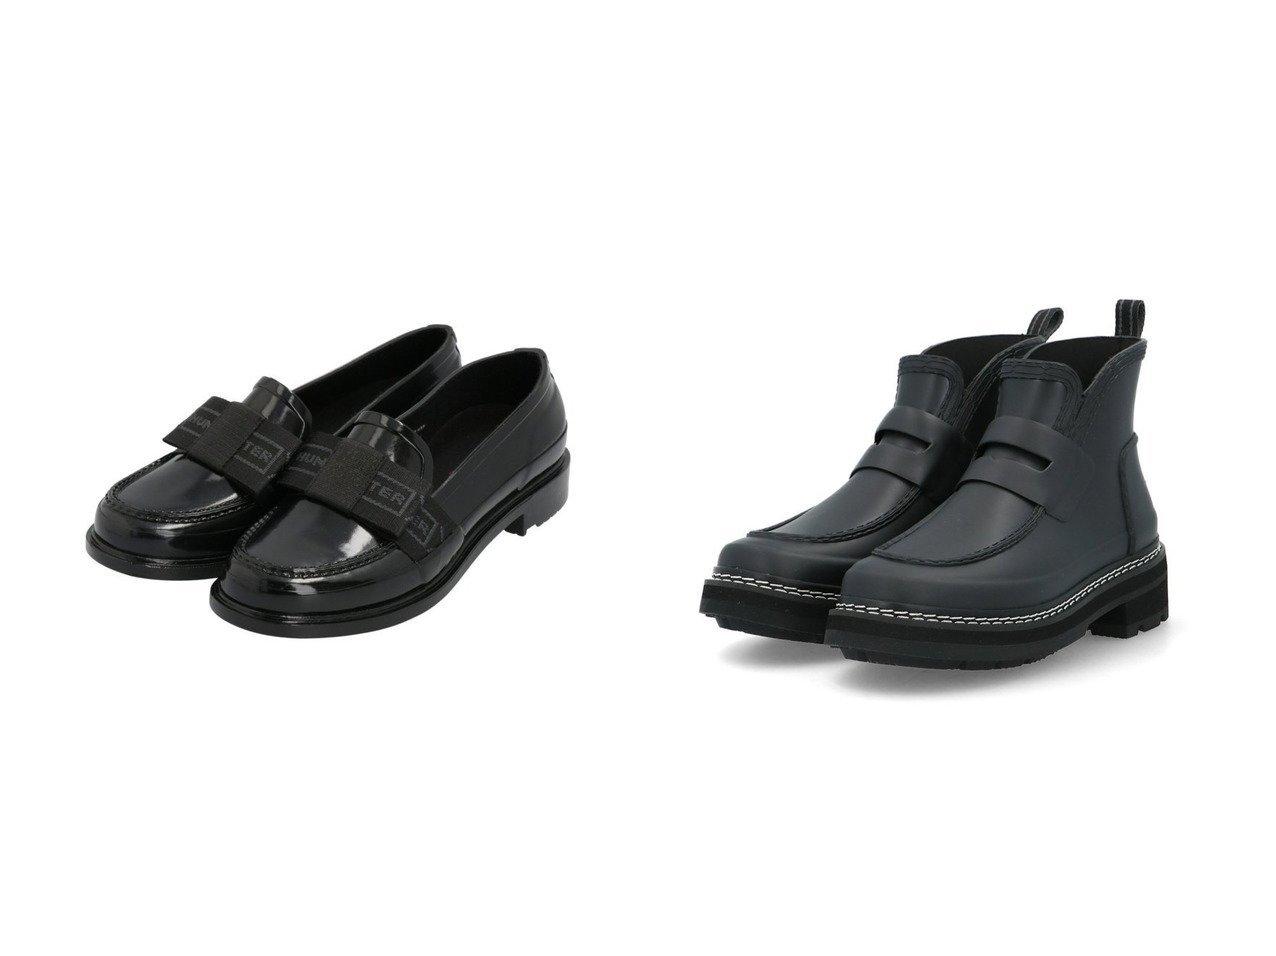 【HUNTER/ハンター】の【レディース】リファインドボウペニーローファー グロス&【レディース】リファインドスティッチ ローファーブーツ 【シューズ・靴】おすすめ!人気、トレンド・レディースファッションの通販 おすすめで人気の流行・トレンド、ファッションの通販商品 メンズファッション・キッズファッション・インテリア・家具・レディースファッション・服の通販 founy(ファニー) https://founy.com/ ファッション Fashion レディースファッション WOMEN NEW・新作・新着・新入荷 New Arrivals シューズ スタイリッシュ ハンド ラバー ドレス リボン |ID:crp329100000029195